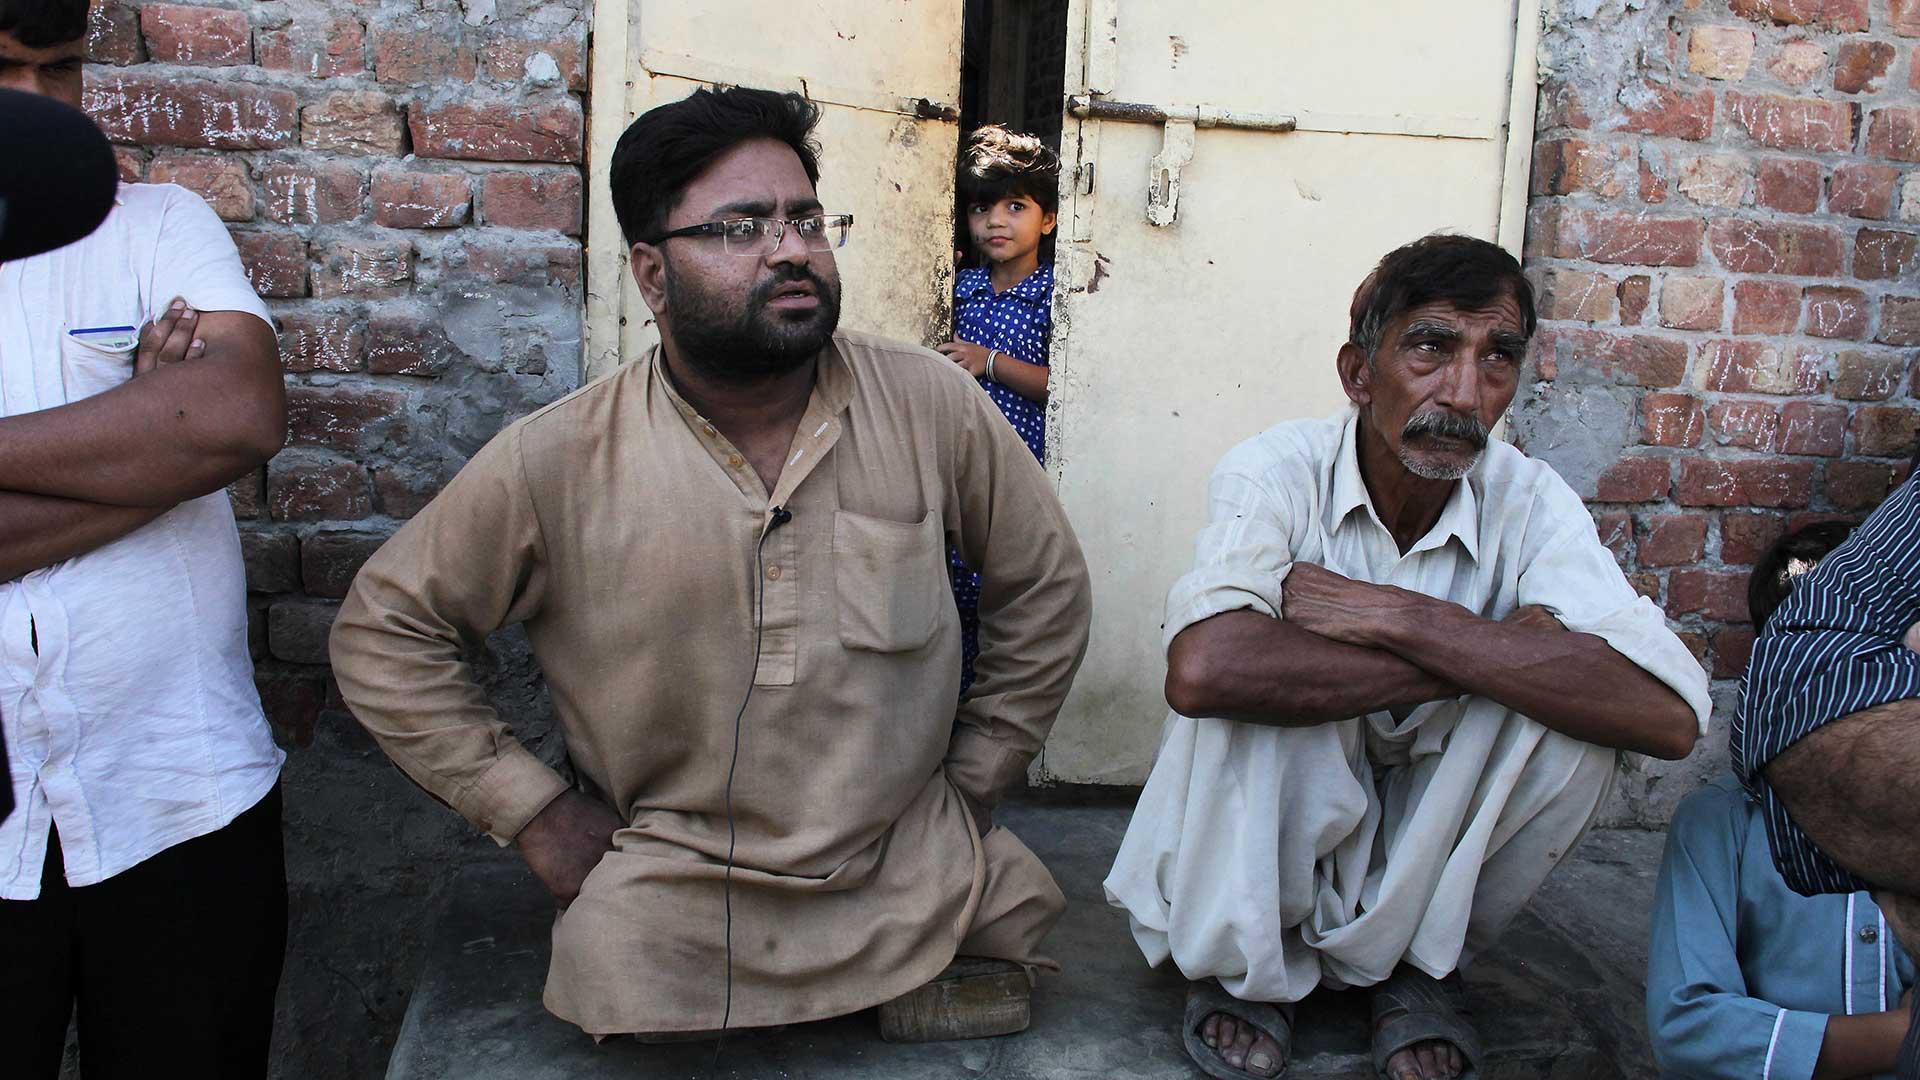 """Los vecinos de Rajhu están de acuerdo con el asesinato de """"honor"""" que realizó el joven (AP)"""